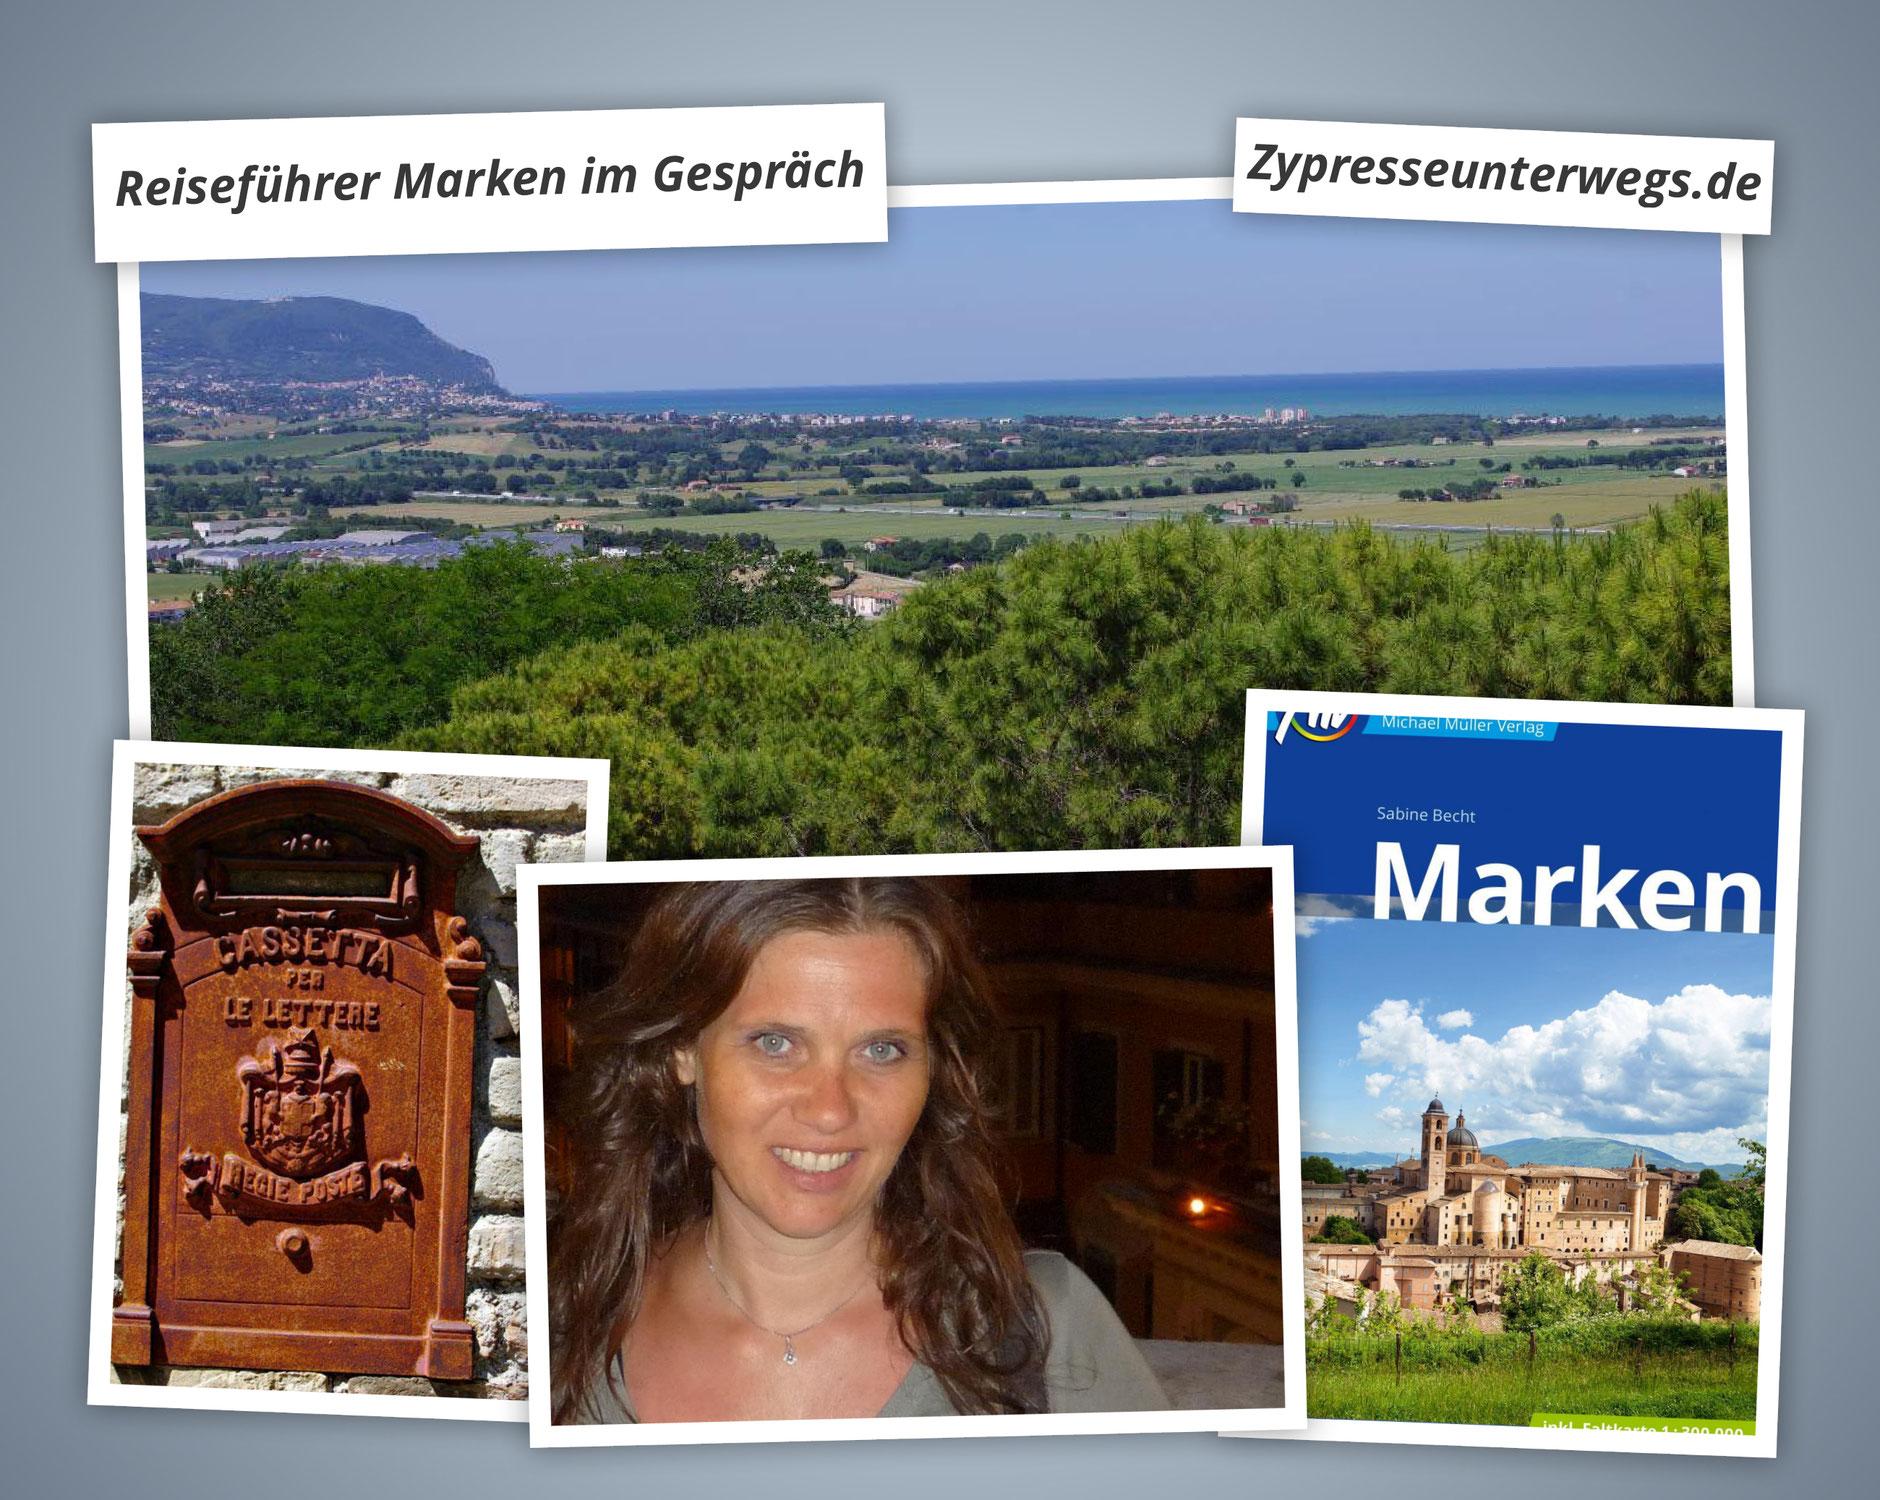 Reiseführer Marken und ein Gespräch mit Sabine Becht